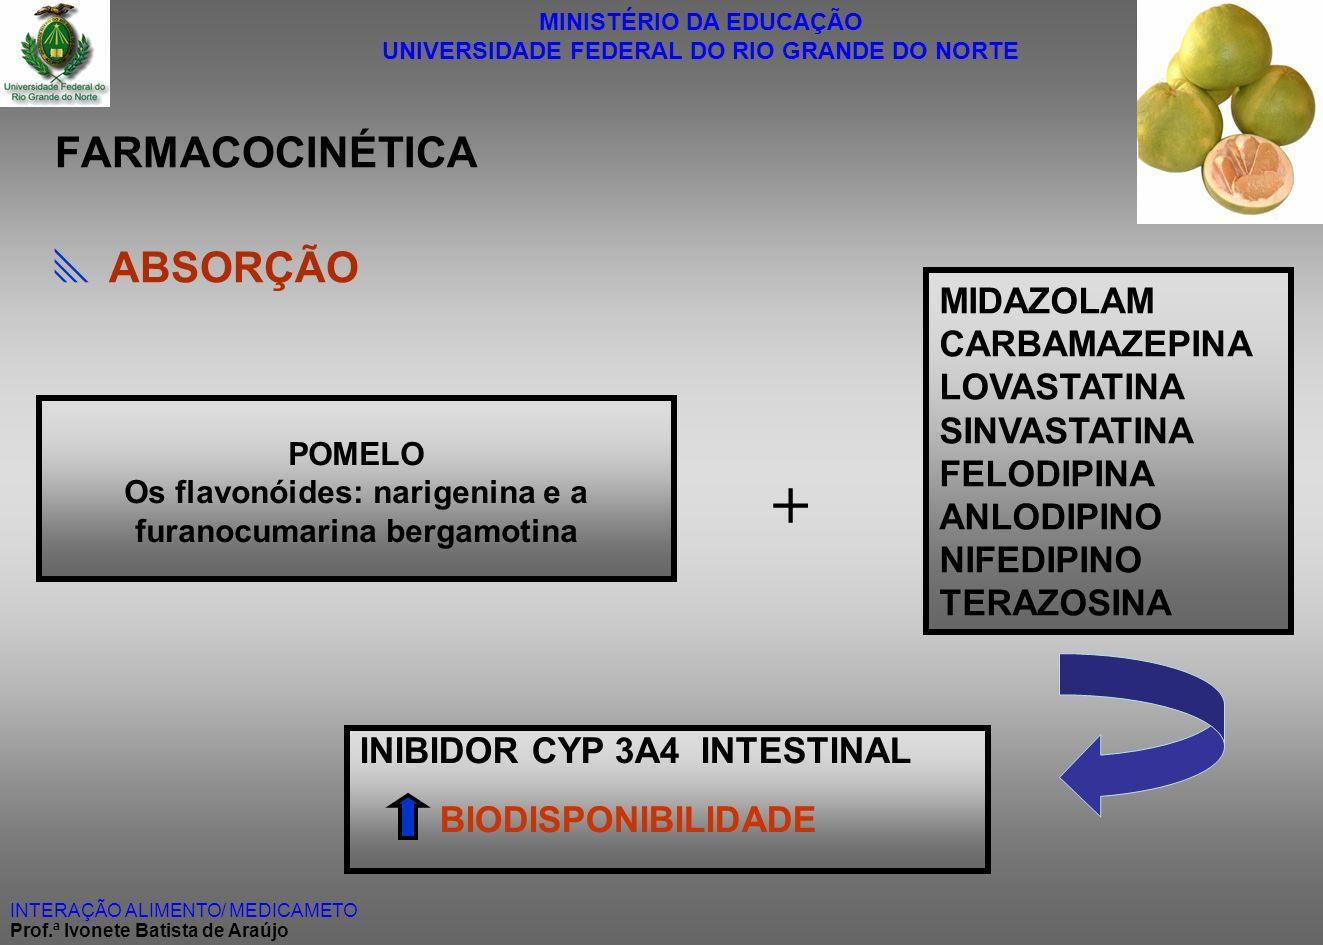 Os flavonóides: narigenina e a furanocumarina bergamotina